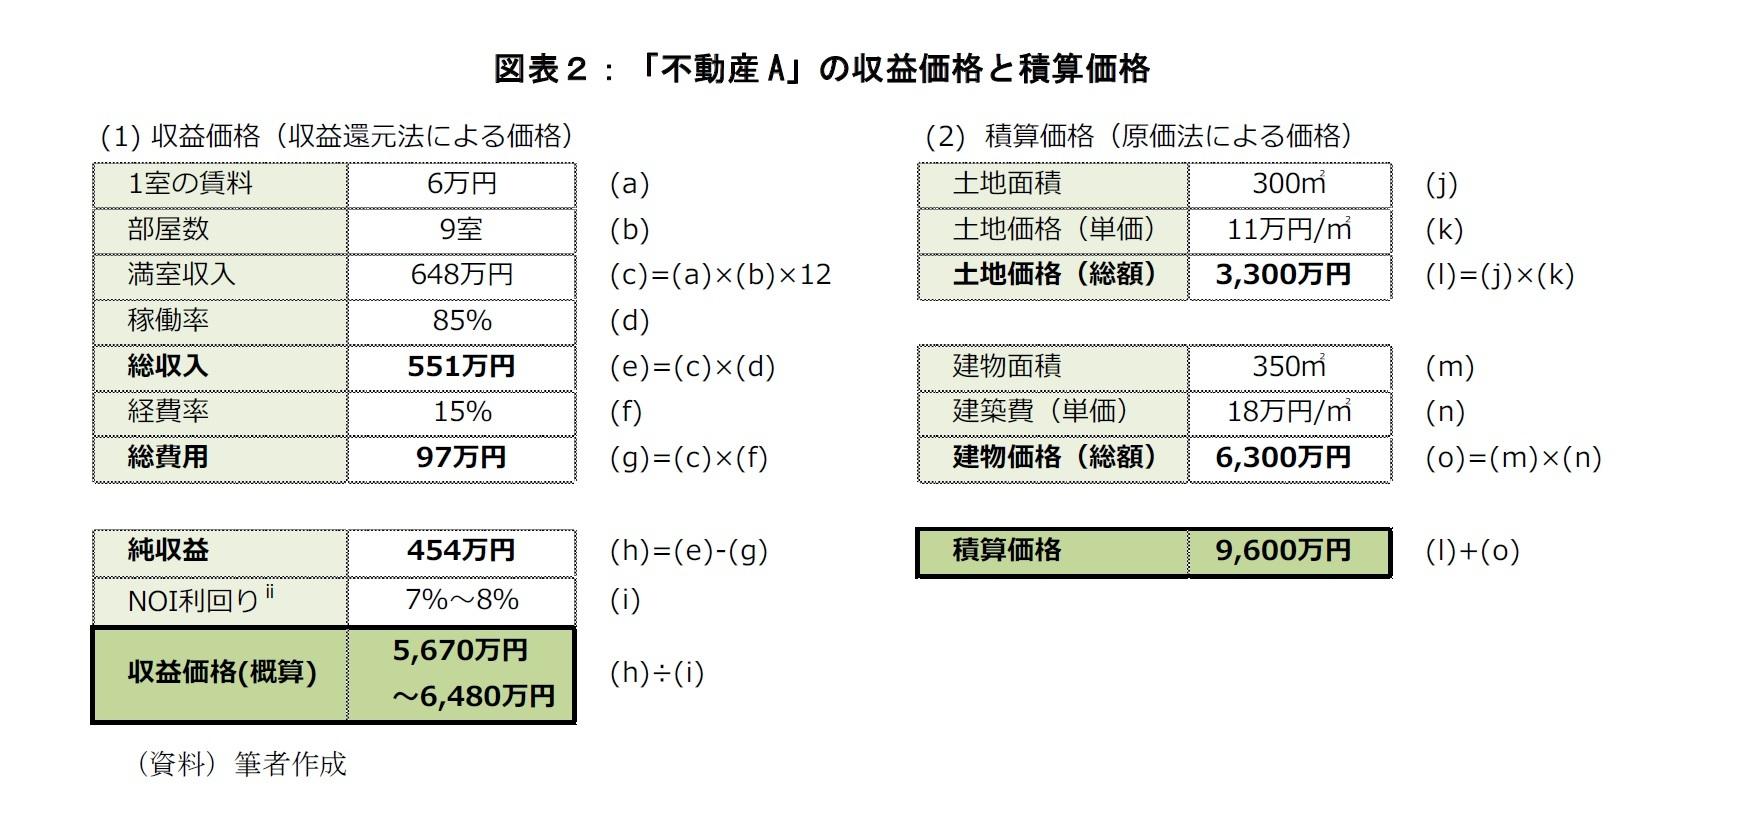 図表2:「不動産A」の収益価格と換算